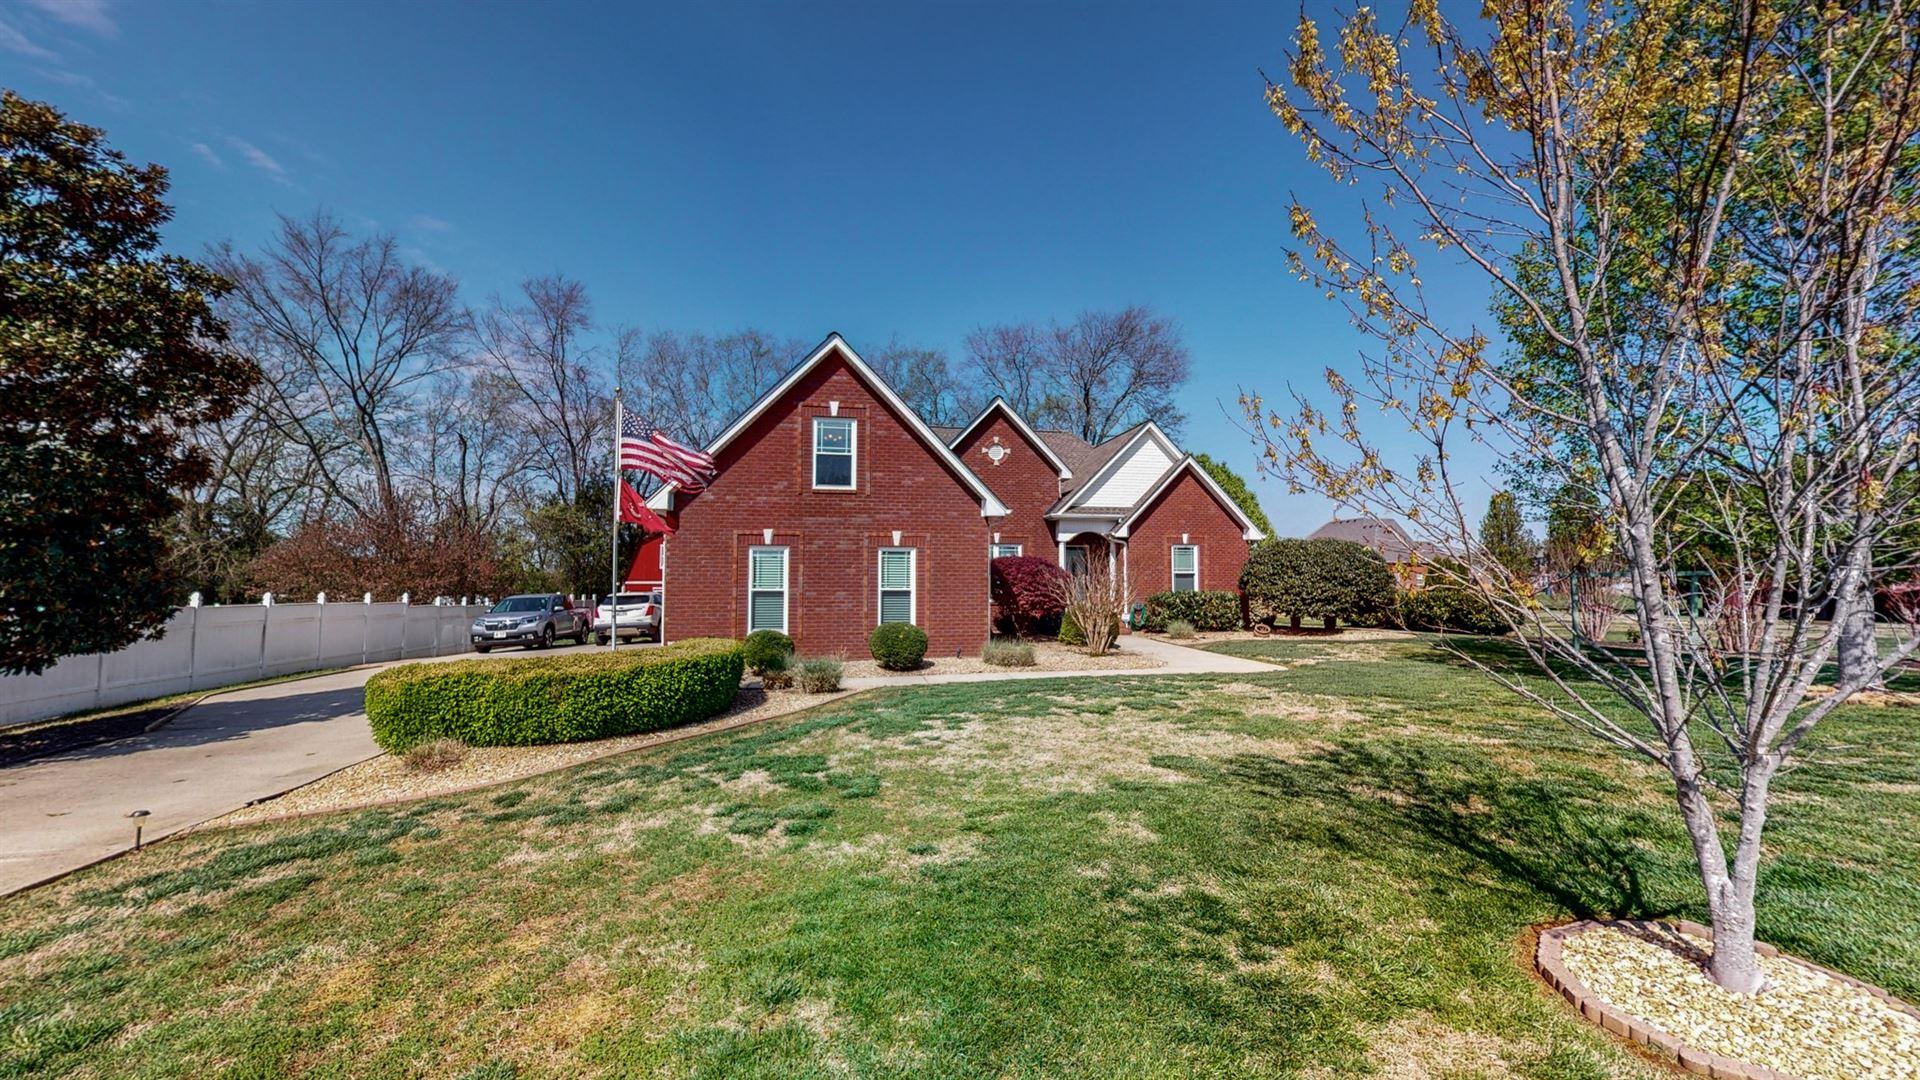 Photo of 1309 Harvest Grove Blvd, Murfreesboro, TN 37129 (MLS # 2243652)